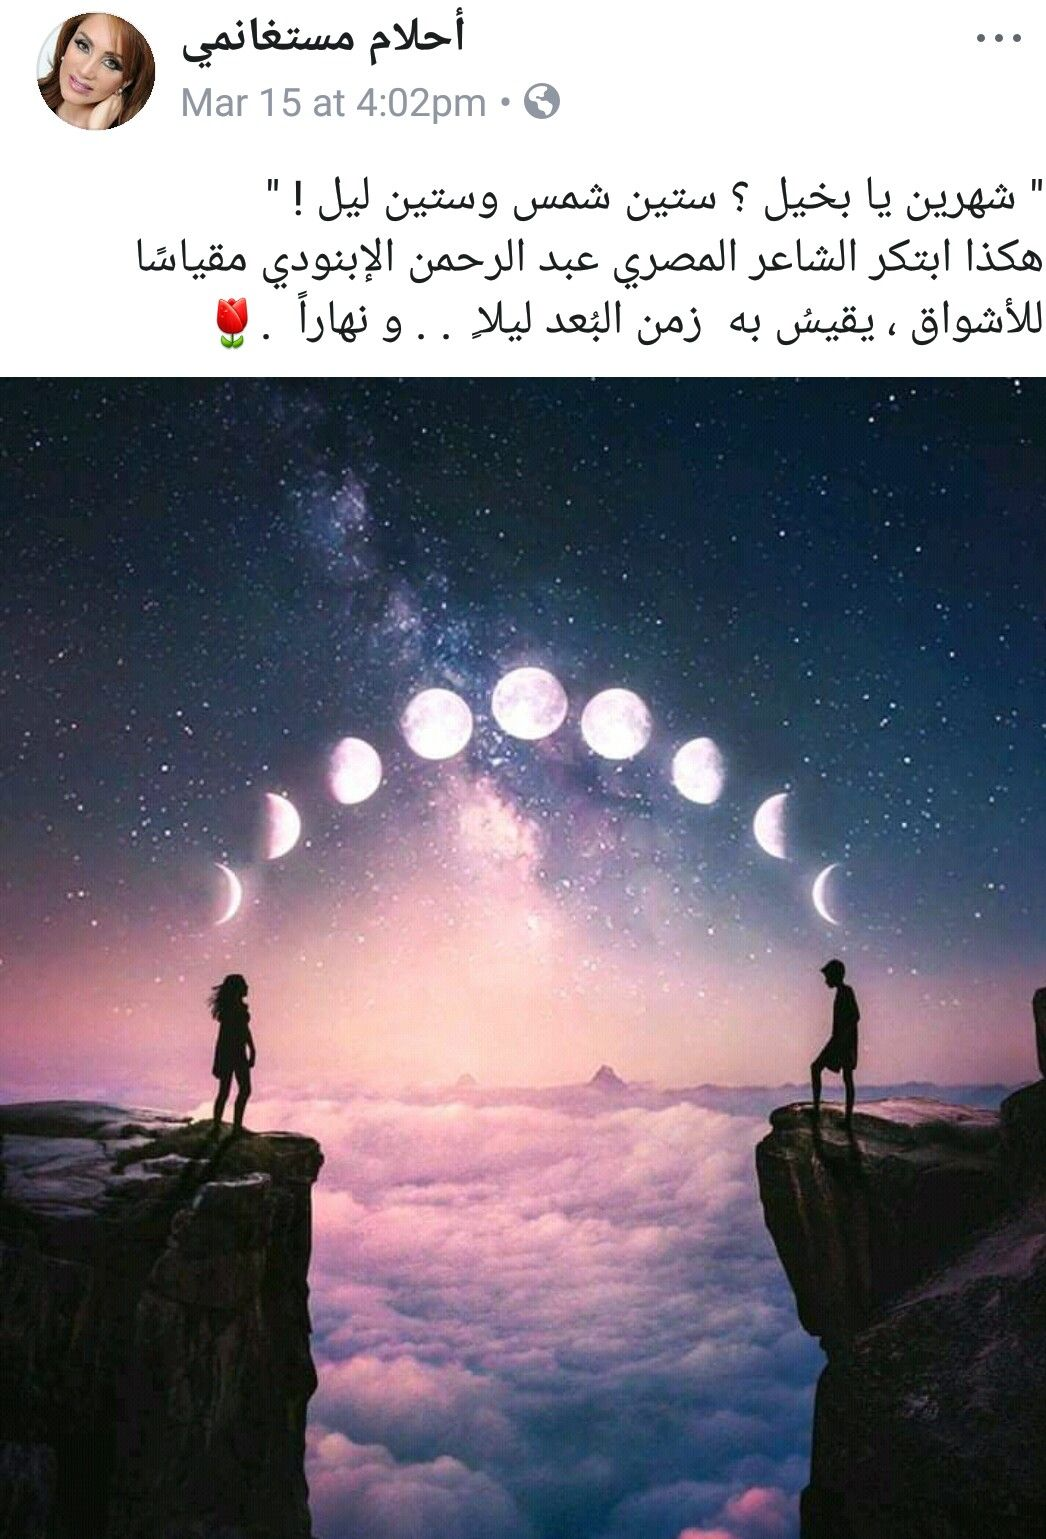 شهرين يا بخيل Poetry Quotes Love Quotes Poster